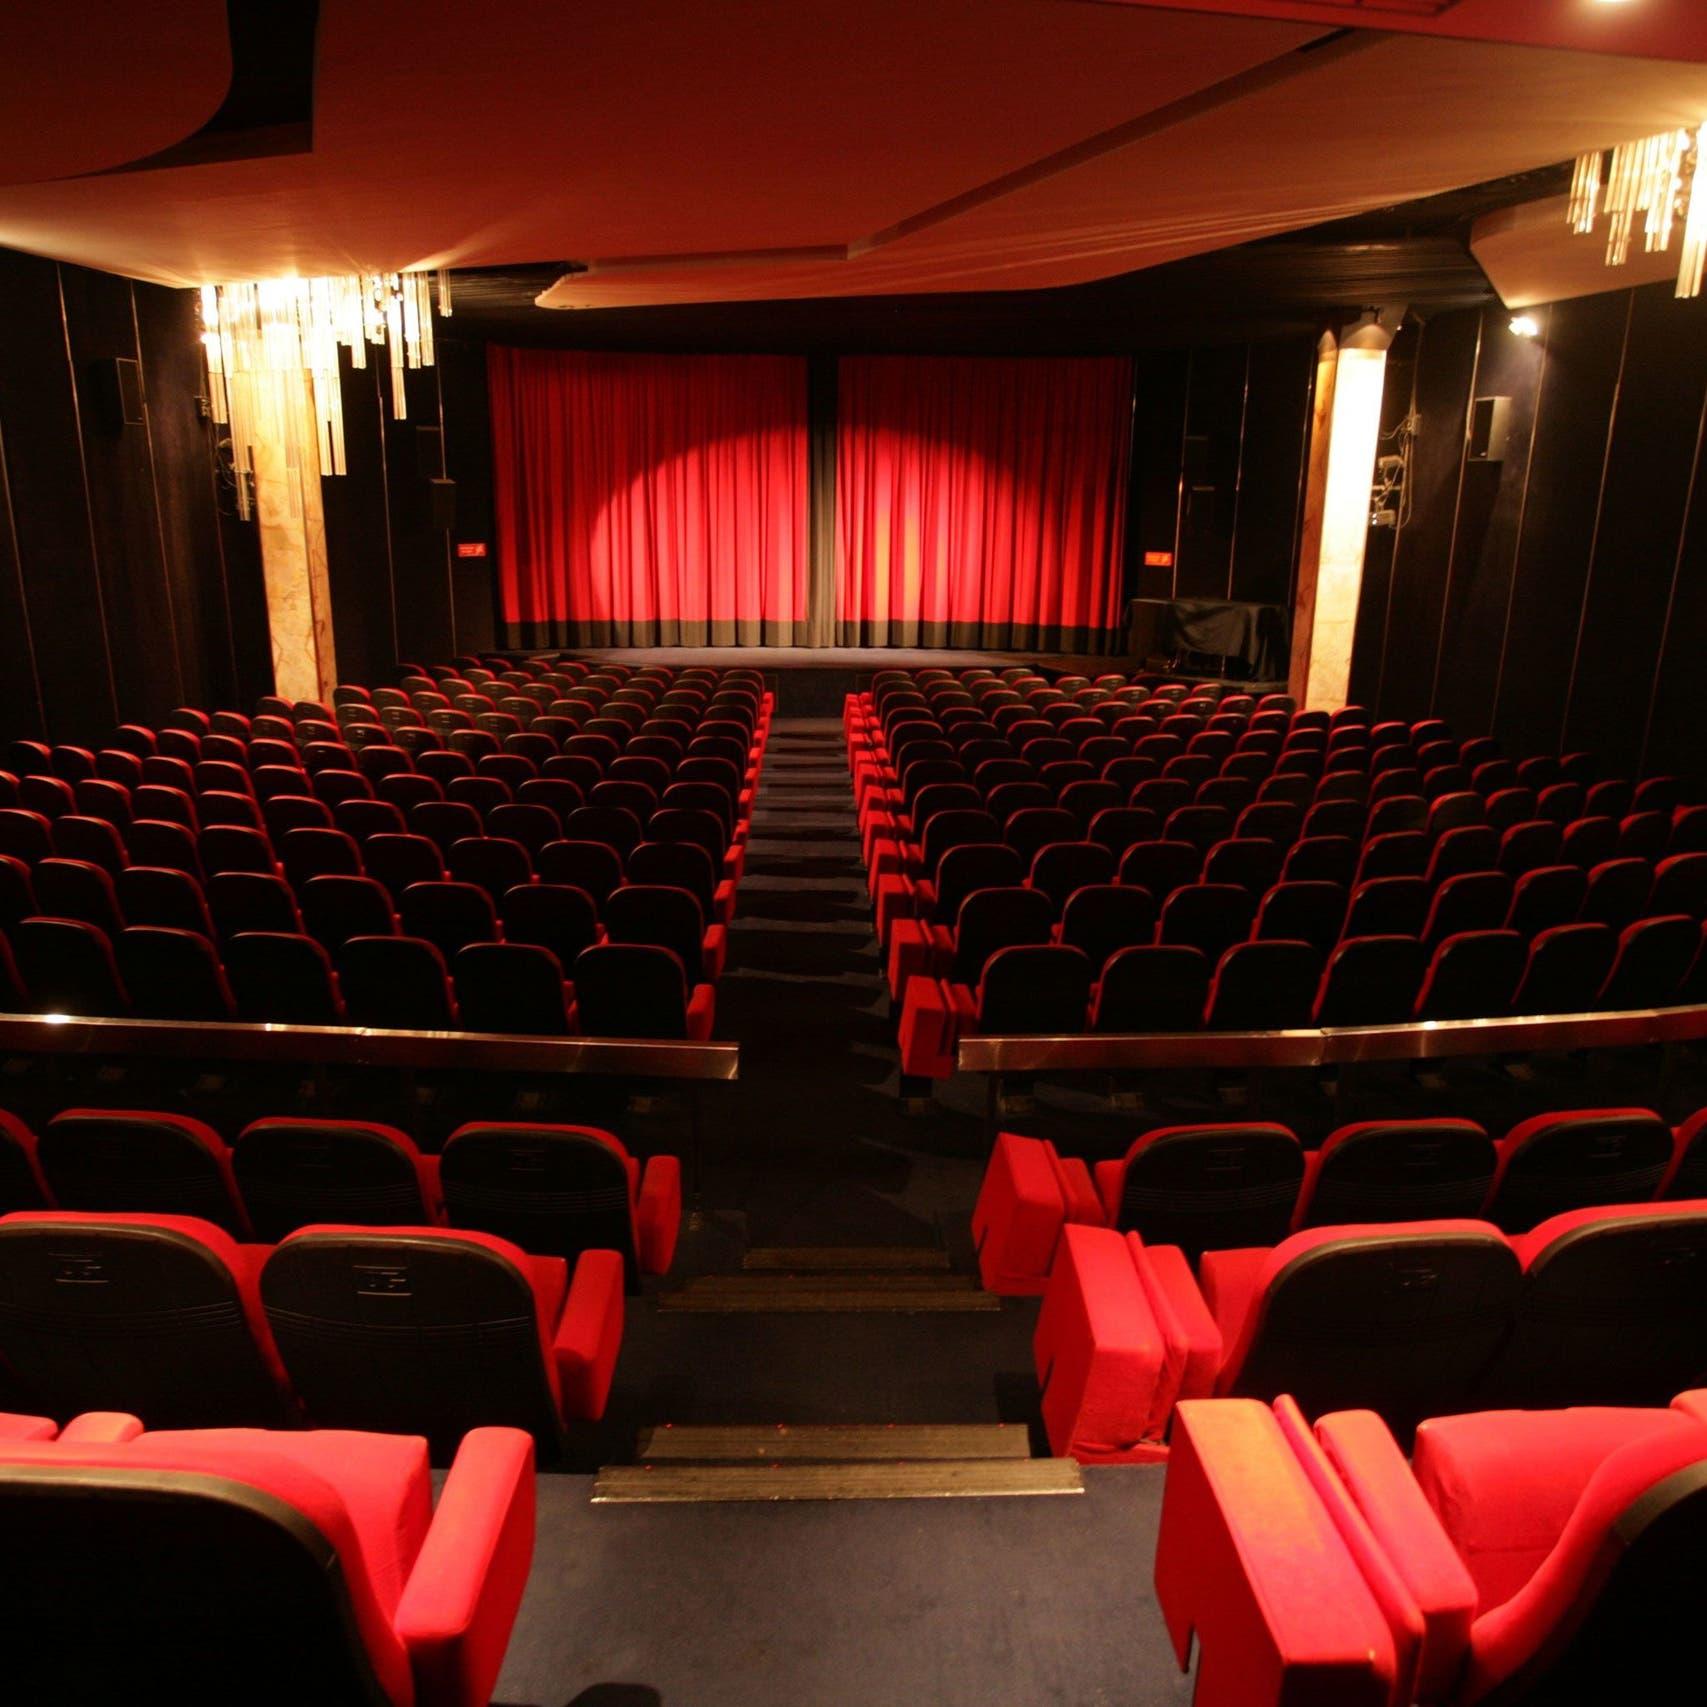 مجموعة الحكير تغلق مراكزها الترفيهية ودور السينما ومرافق أخرى